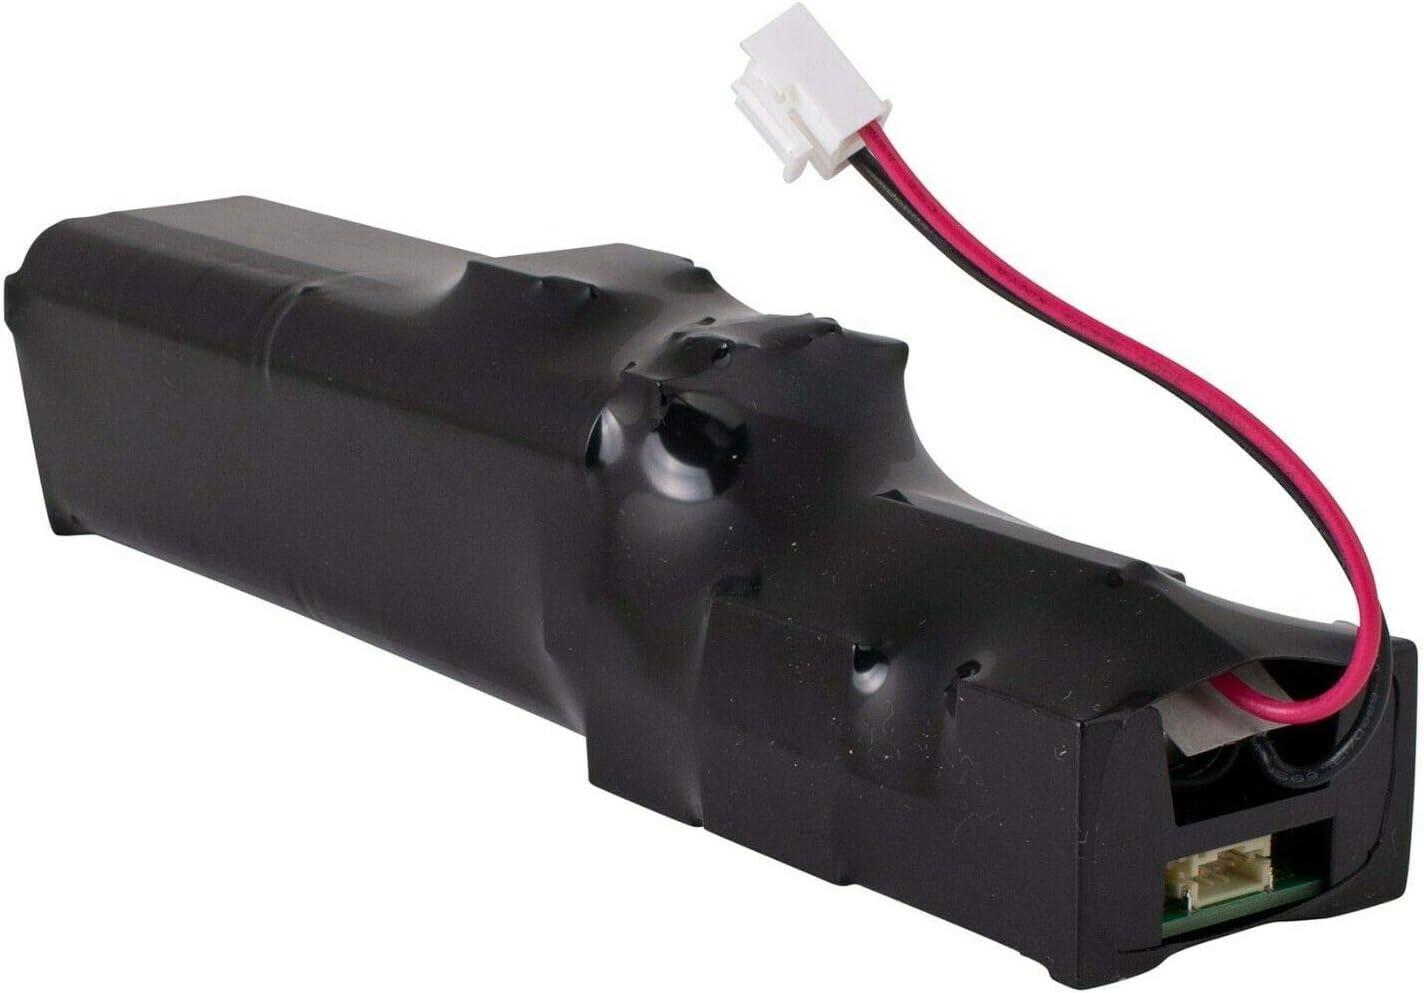 Rowenta - Batería para escoba Air Force Extreme 32,4 V RH8895 RH8897 RH8995 RH8996: Amazon.es: Hogar